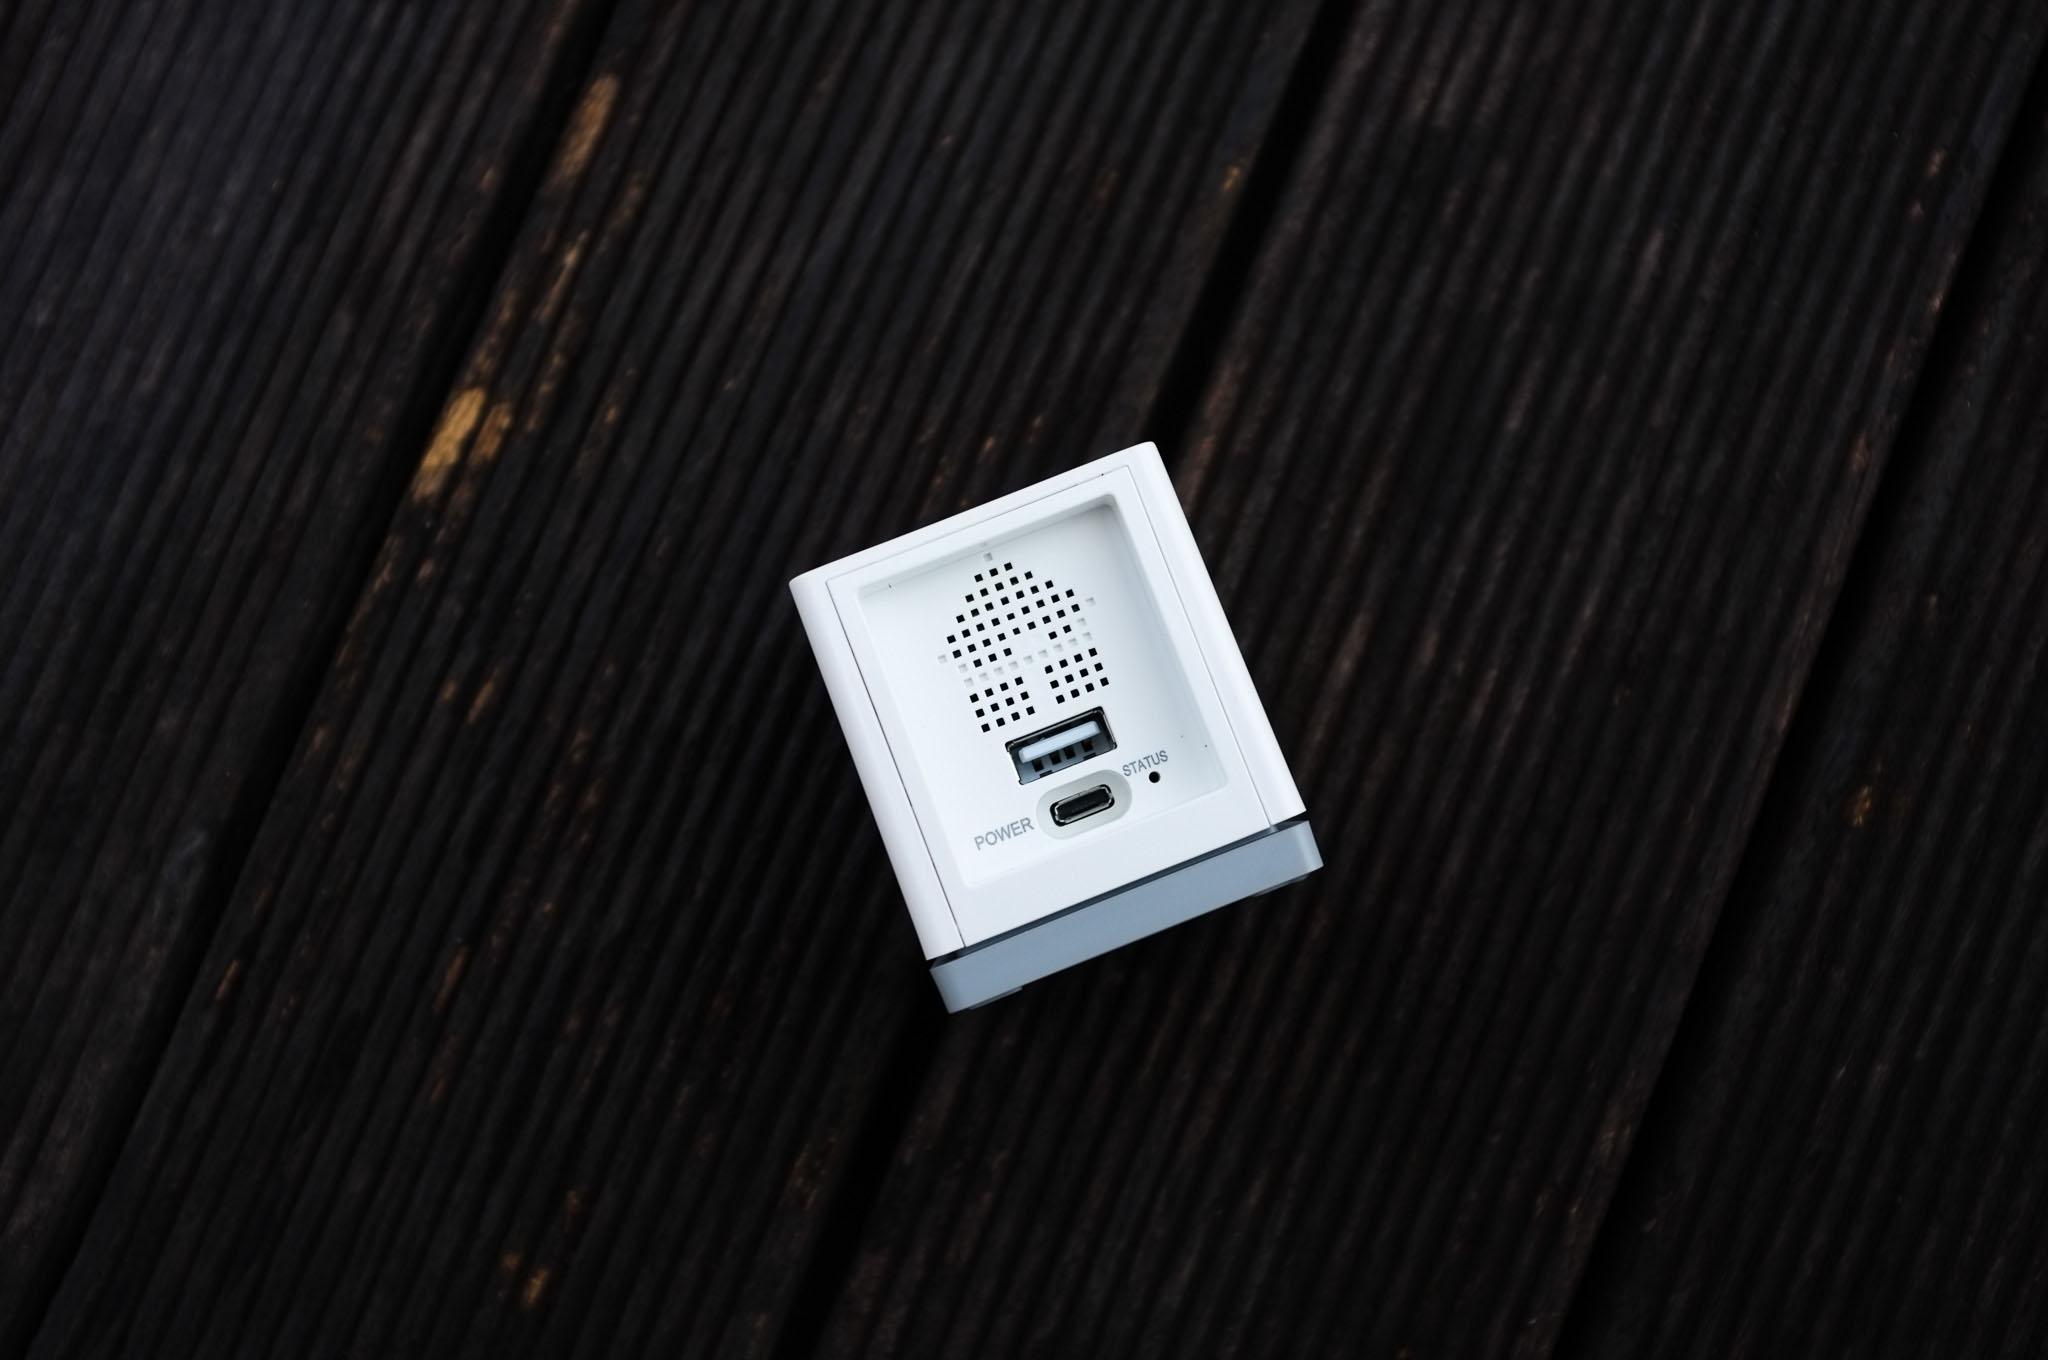 4005614_Tinhte-xiaomi-mini-square-camera-7.jpg